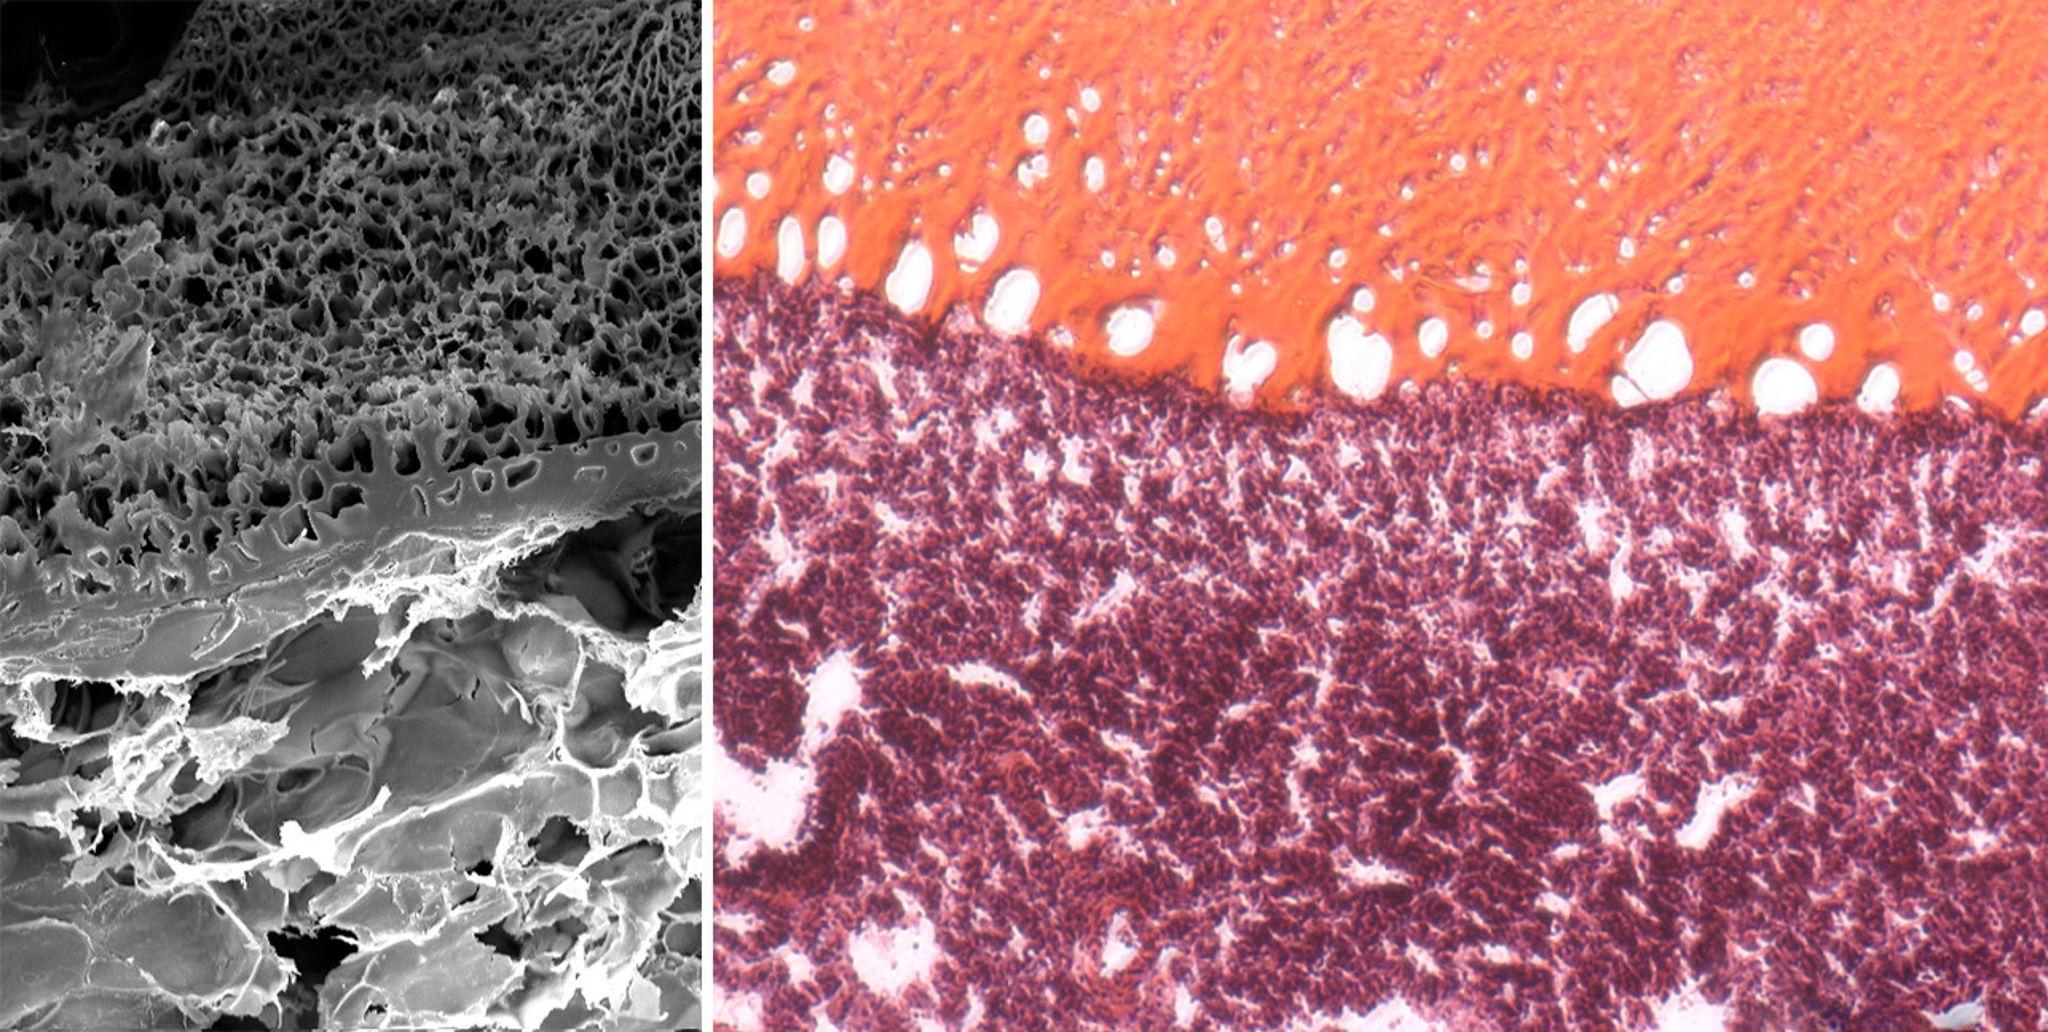 Создан первый биогель-герметик, который заживляет раны без швов - 1